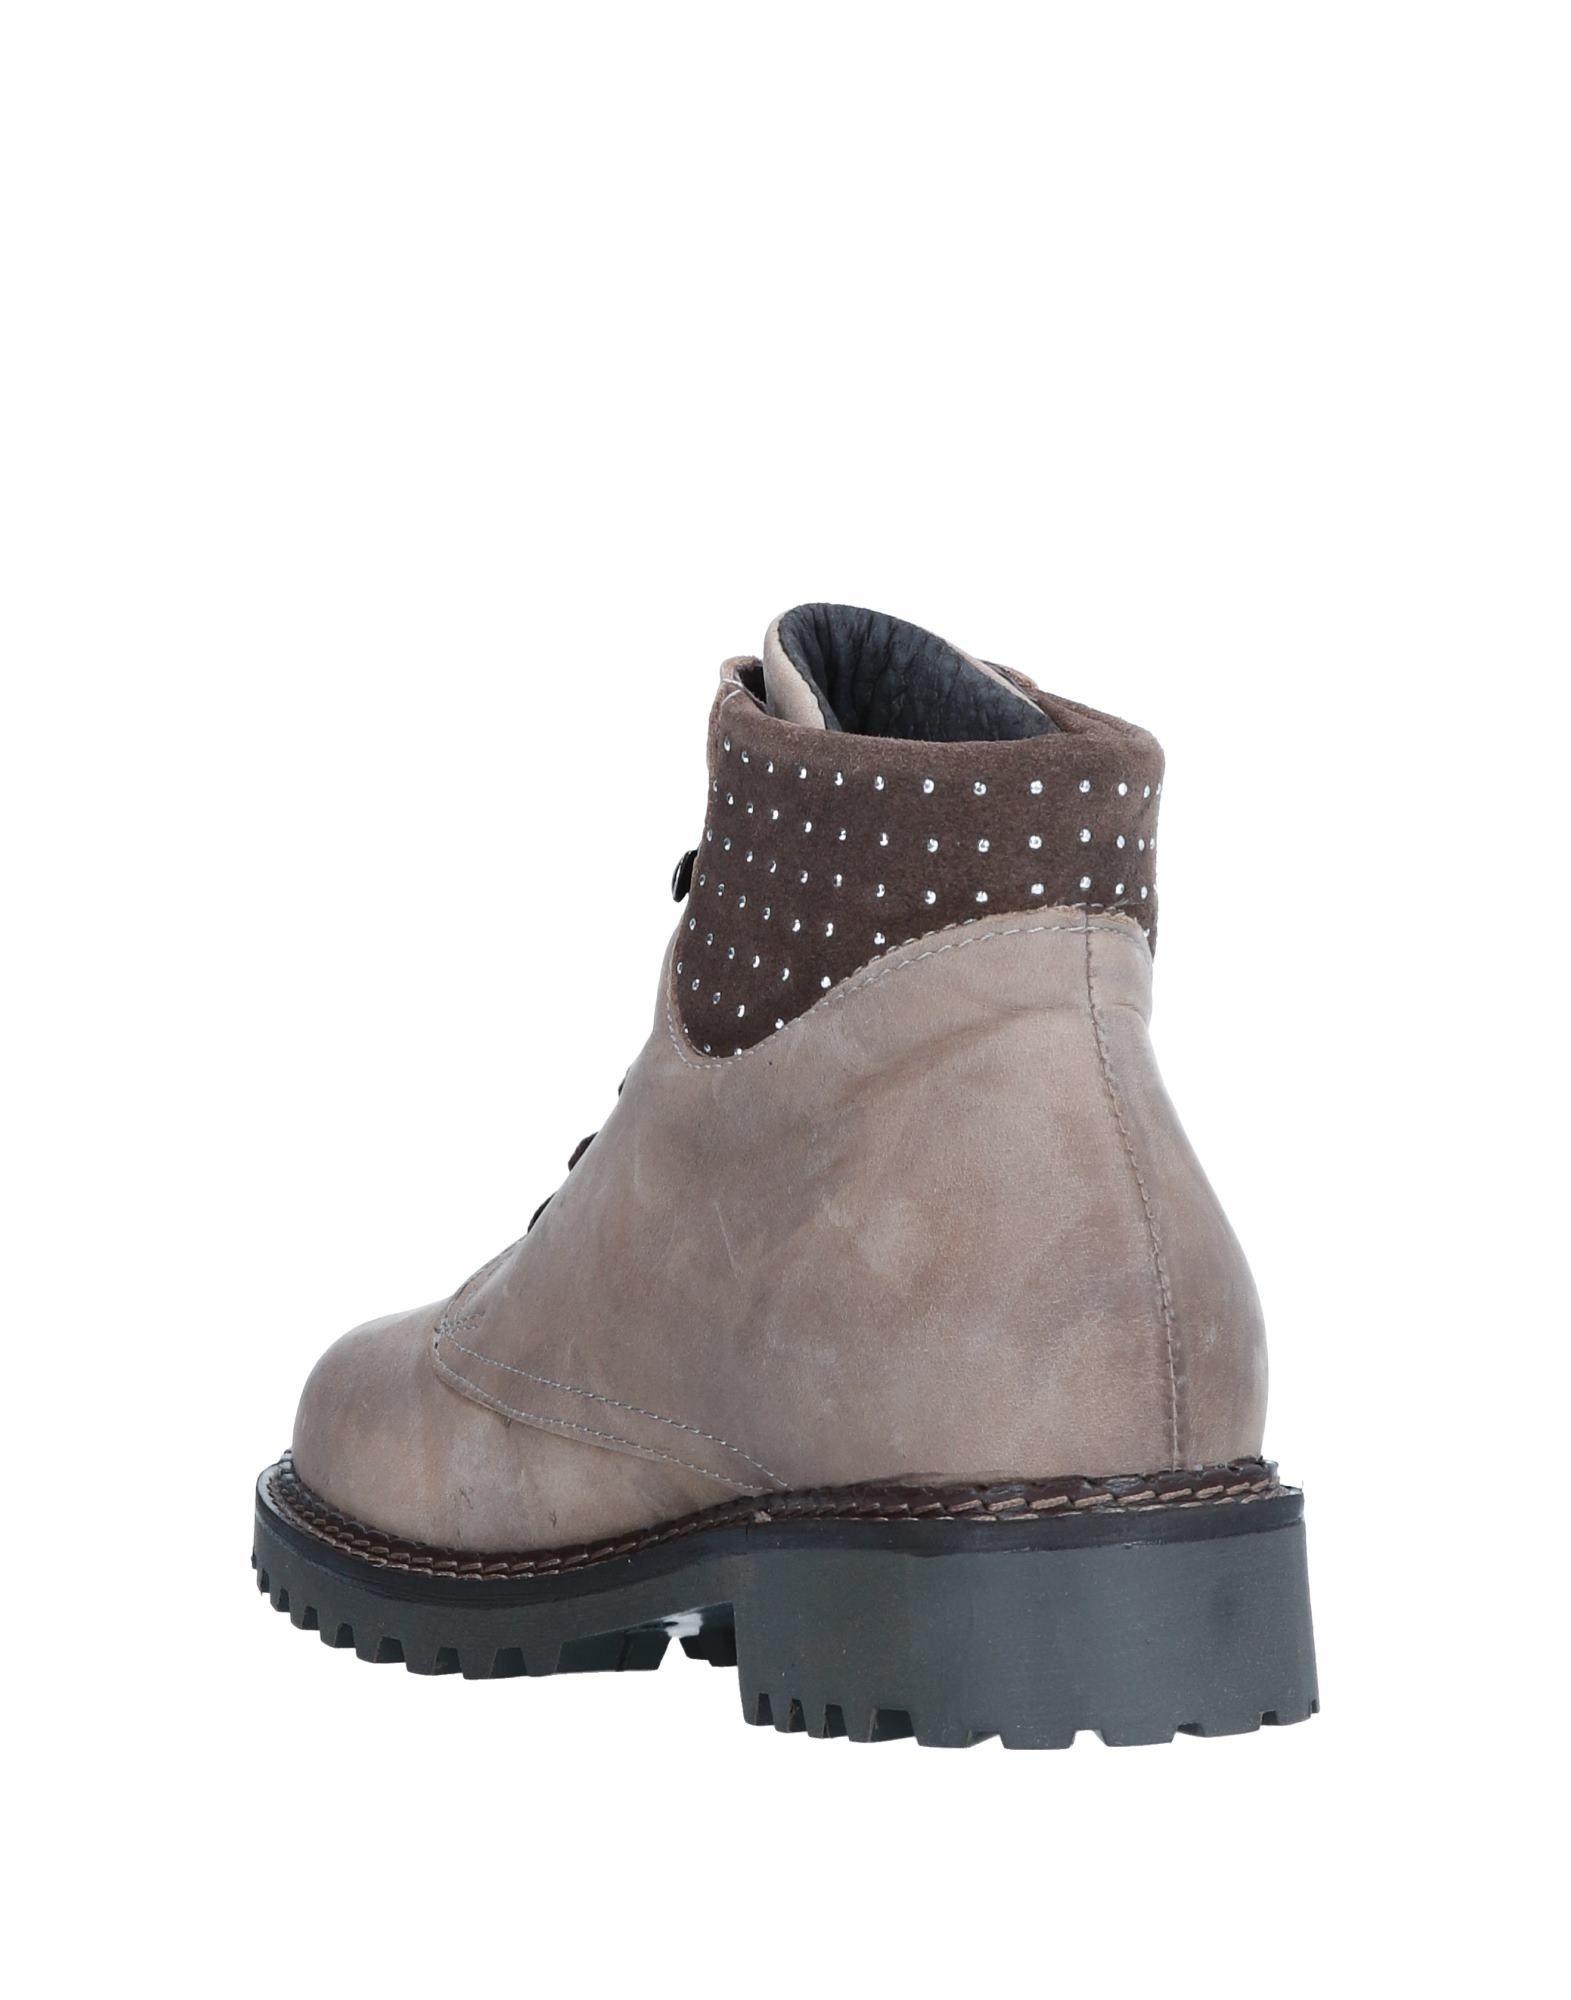 Keys Stiefelette Qualität Damen  11551426BT Gute Qualität Stiefelette beliebte Schuhe 196528